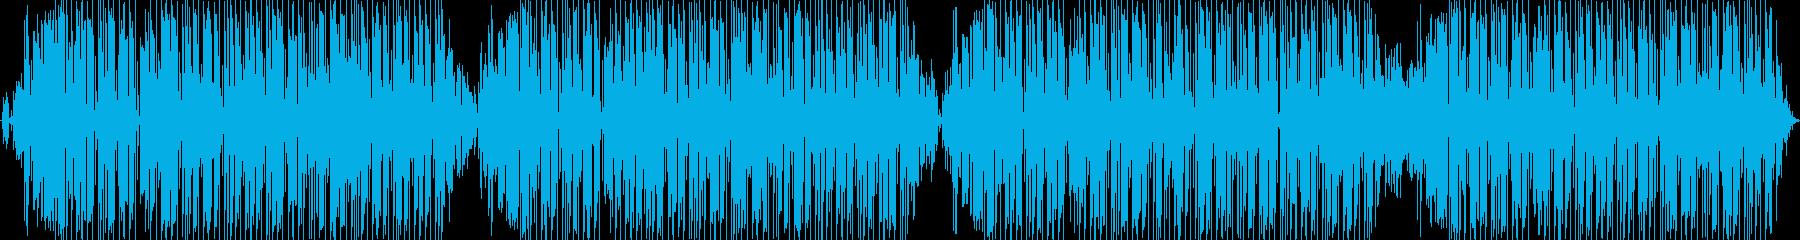 このエレクトロニカダンスチューンは...の再生済みの波形